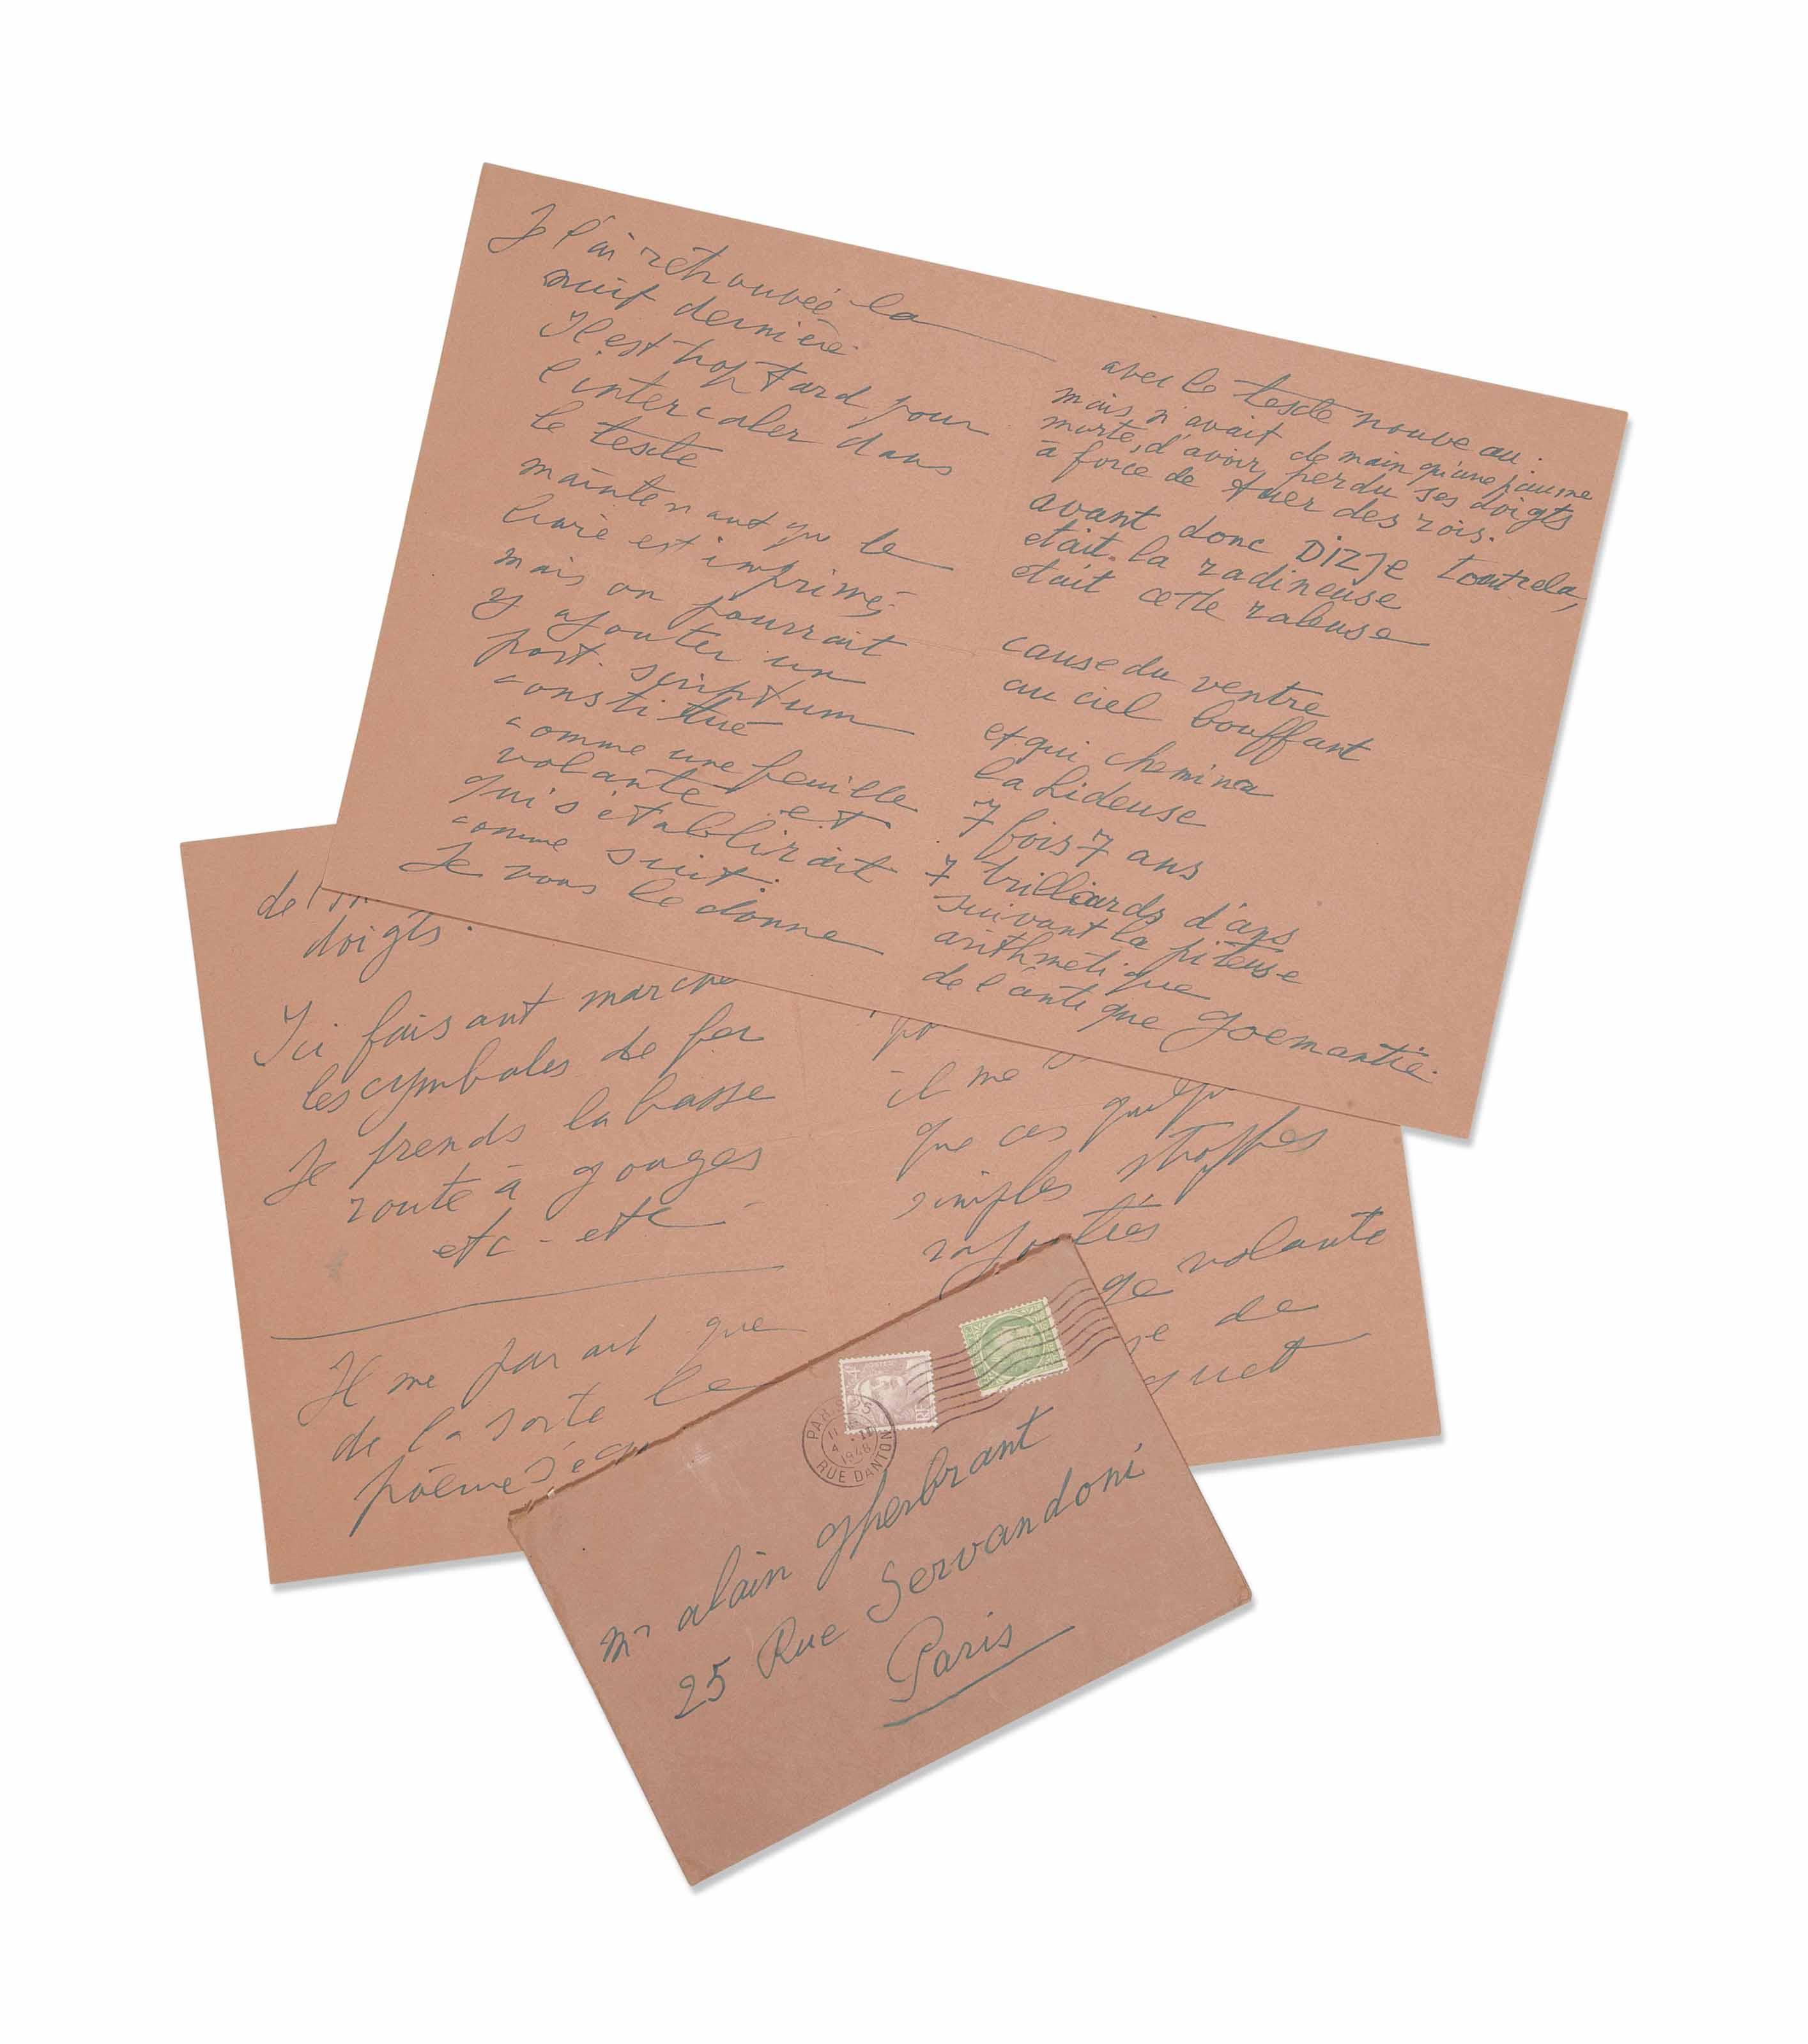 Antonin ARTAUD (1896-1948). Lettre autographe signée à Alain Gheerbrant, comportant un poème, datée «Ivry sur Seine 1er février 1948». 8 pages in-8 (190 x 150 mm). Avec enveloppe, suscription autographe « Mr Alain Gherbrant [sic] / 25 rue Servandoni / Paris » Encre bleue sur papier rose (pliures).